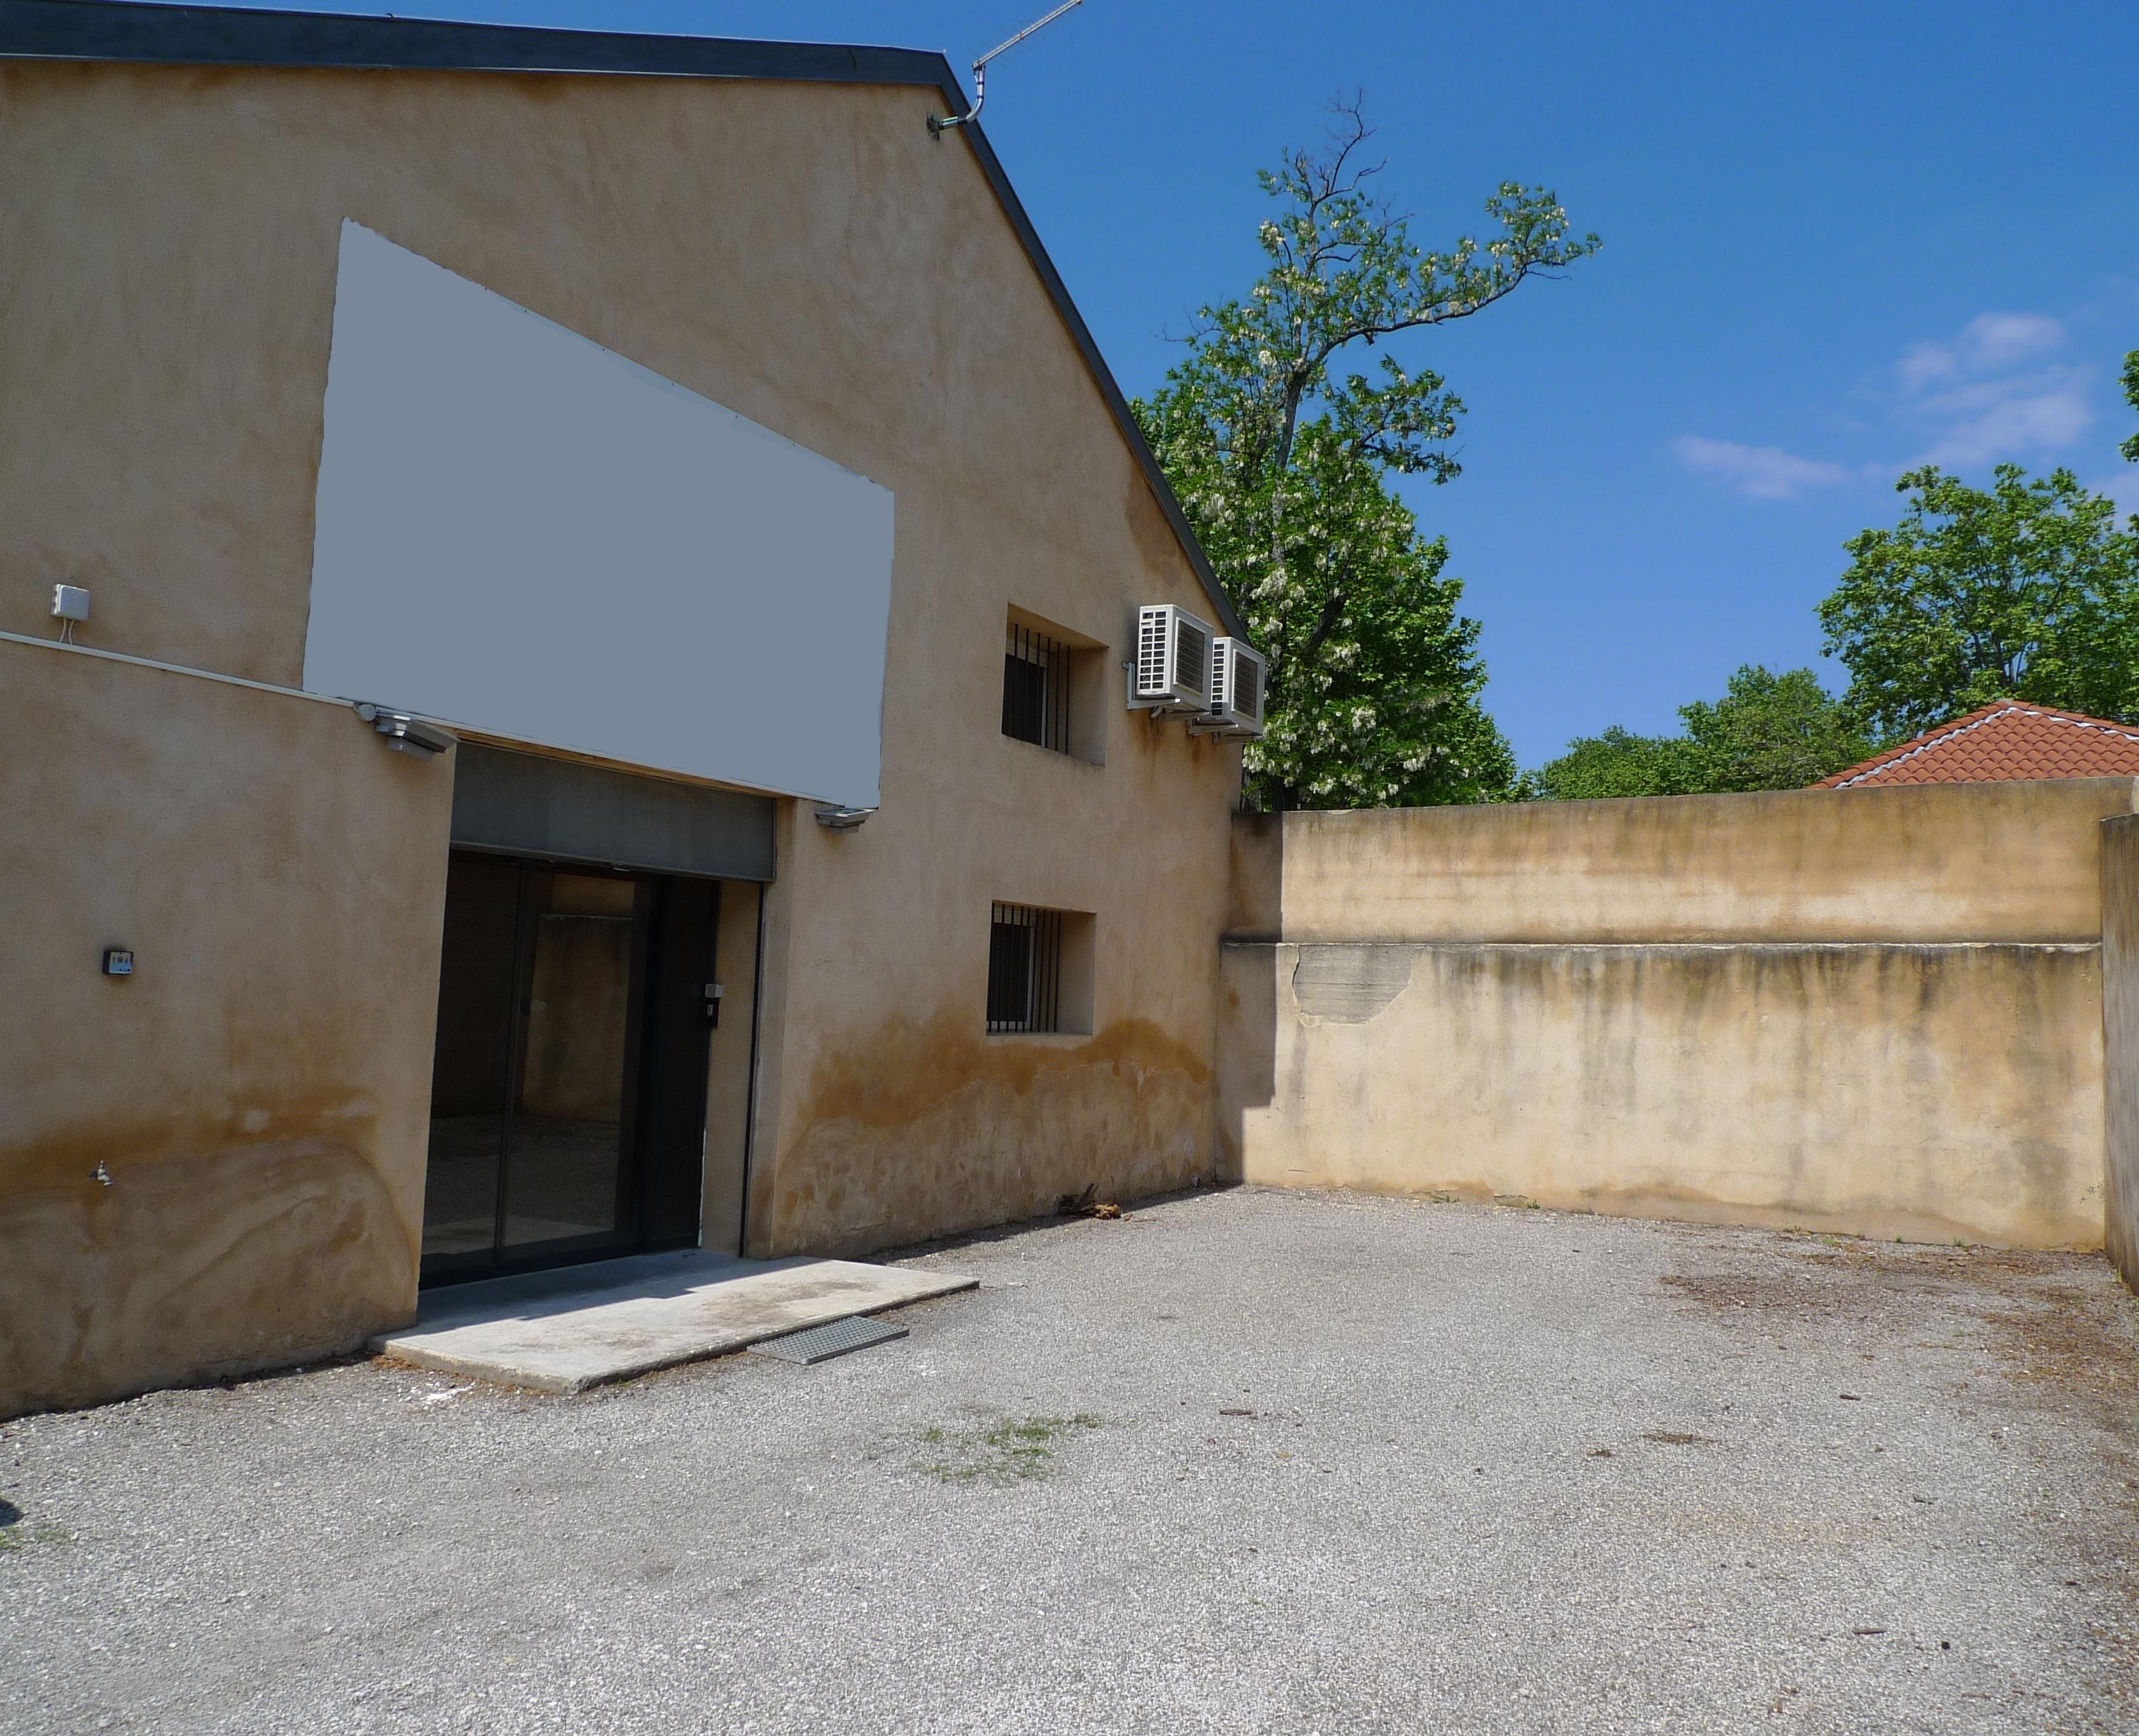 Vente local commercial vaucluse locaux commerciaux vaucluse a vendre 84 a vendre immobilier - Hangar a vendre vaucluse ...